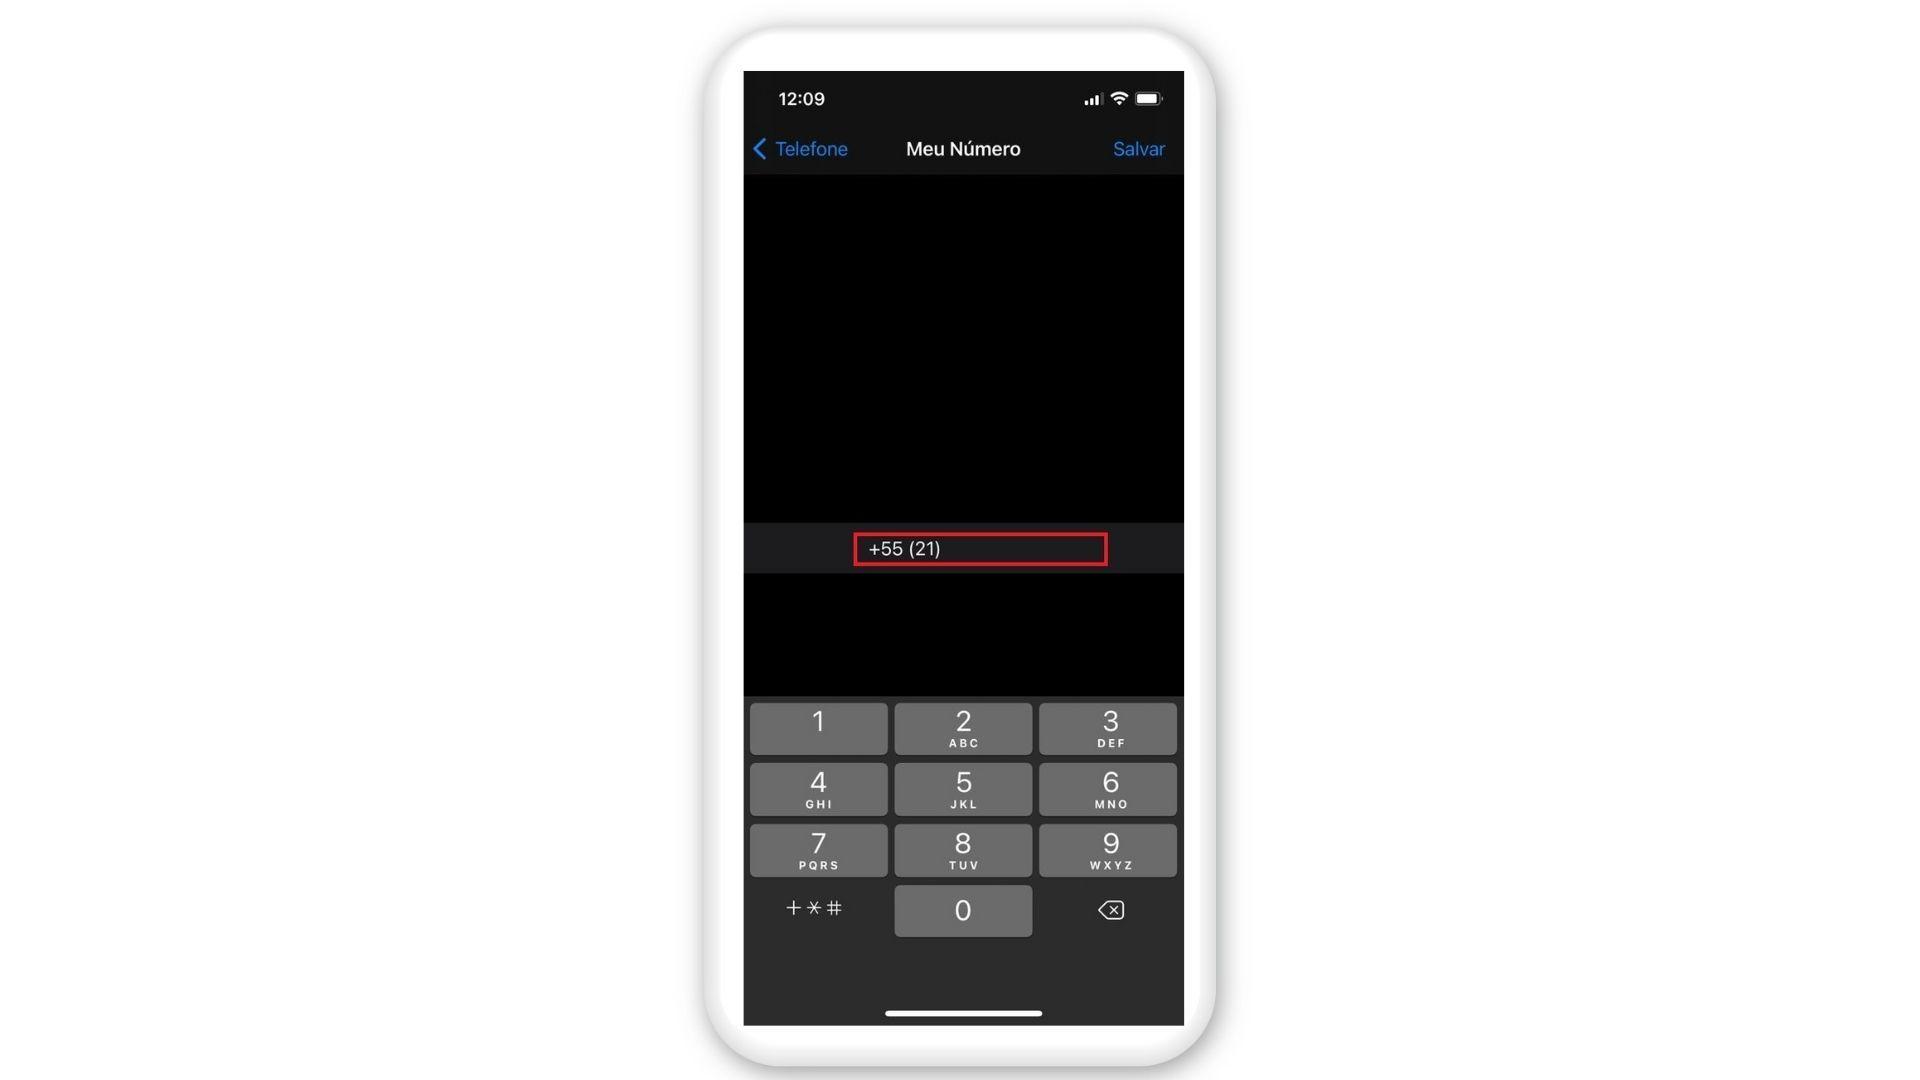 Como saber meu número no iPhone: após os passos, ele aparecerá na tela (Foto: Arte/Zoom)